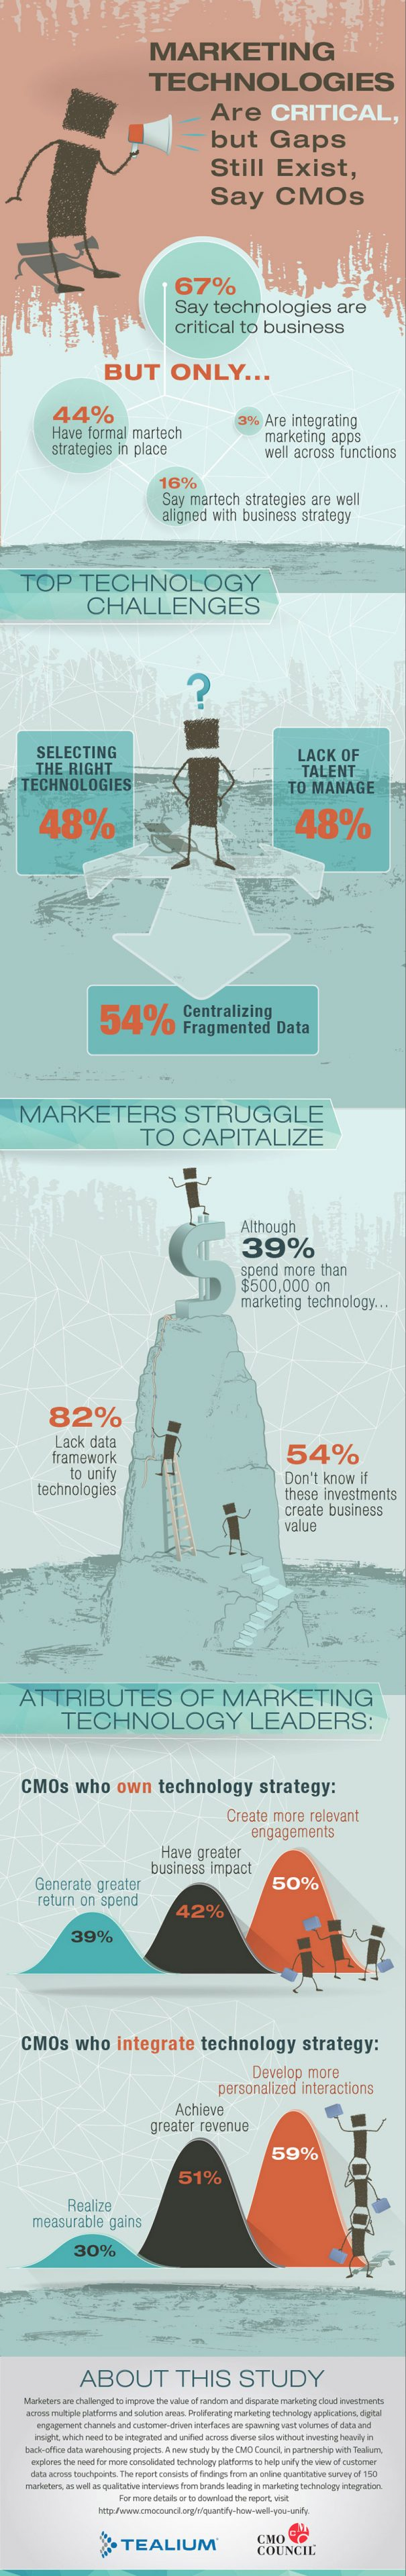 marketing_tech_critical_but_gaps_exist